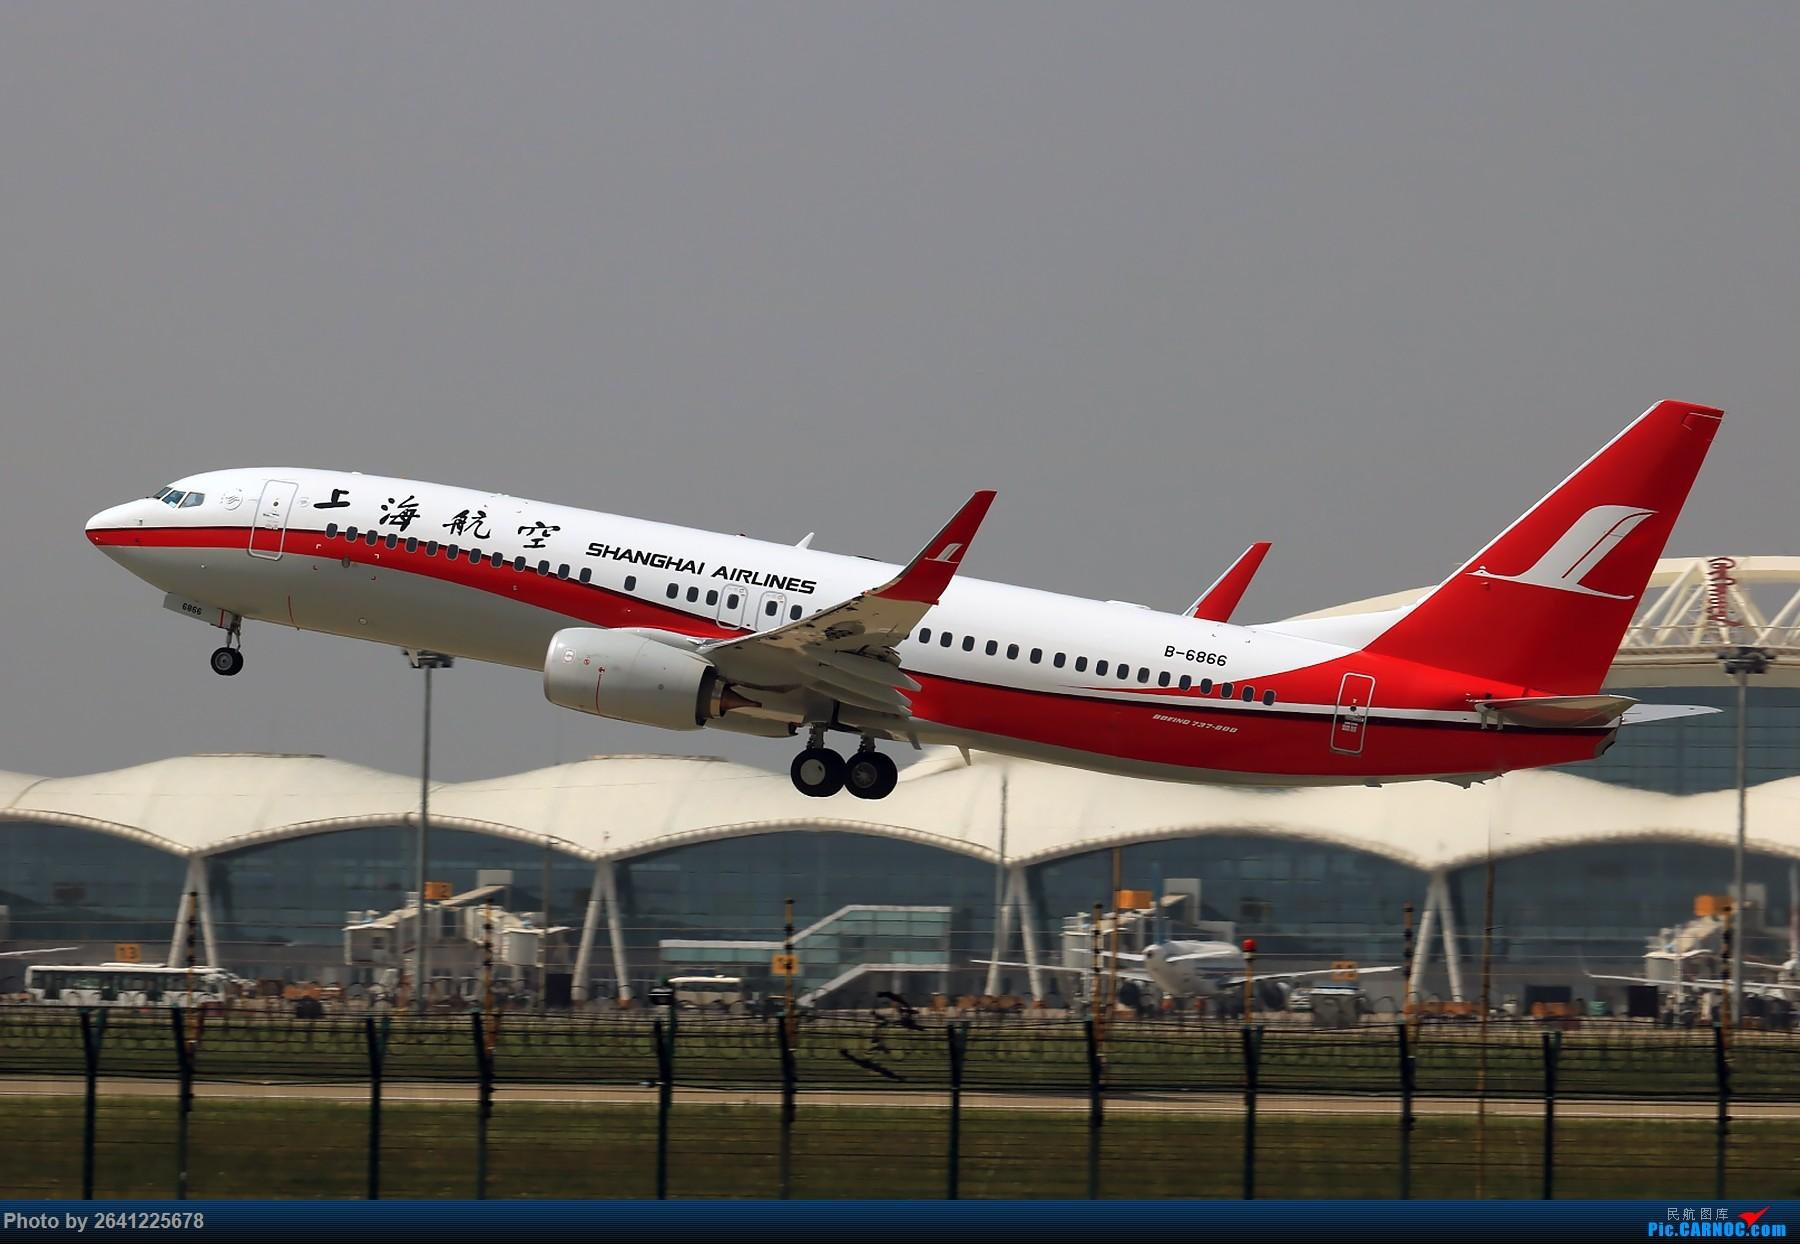 Re:[原创]【小周游记第3集】草原茫茫天地间,洁白的蒙古包散落在河边——内蒙古5天4飞半自由行(宽体与支线客机初体验)有flight log和驾驶舱哦 欢迎砸飞机 BOEING 737-800 B-6866 中国呼和浩特白塔国际机场